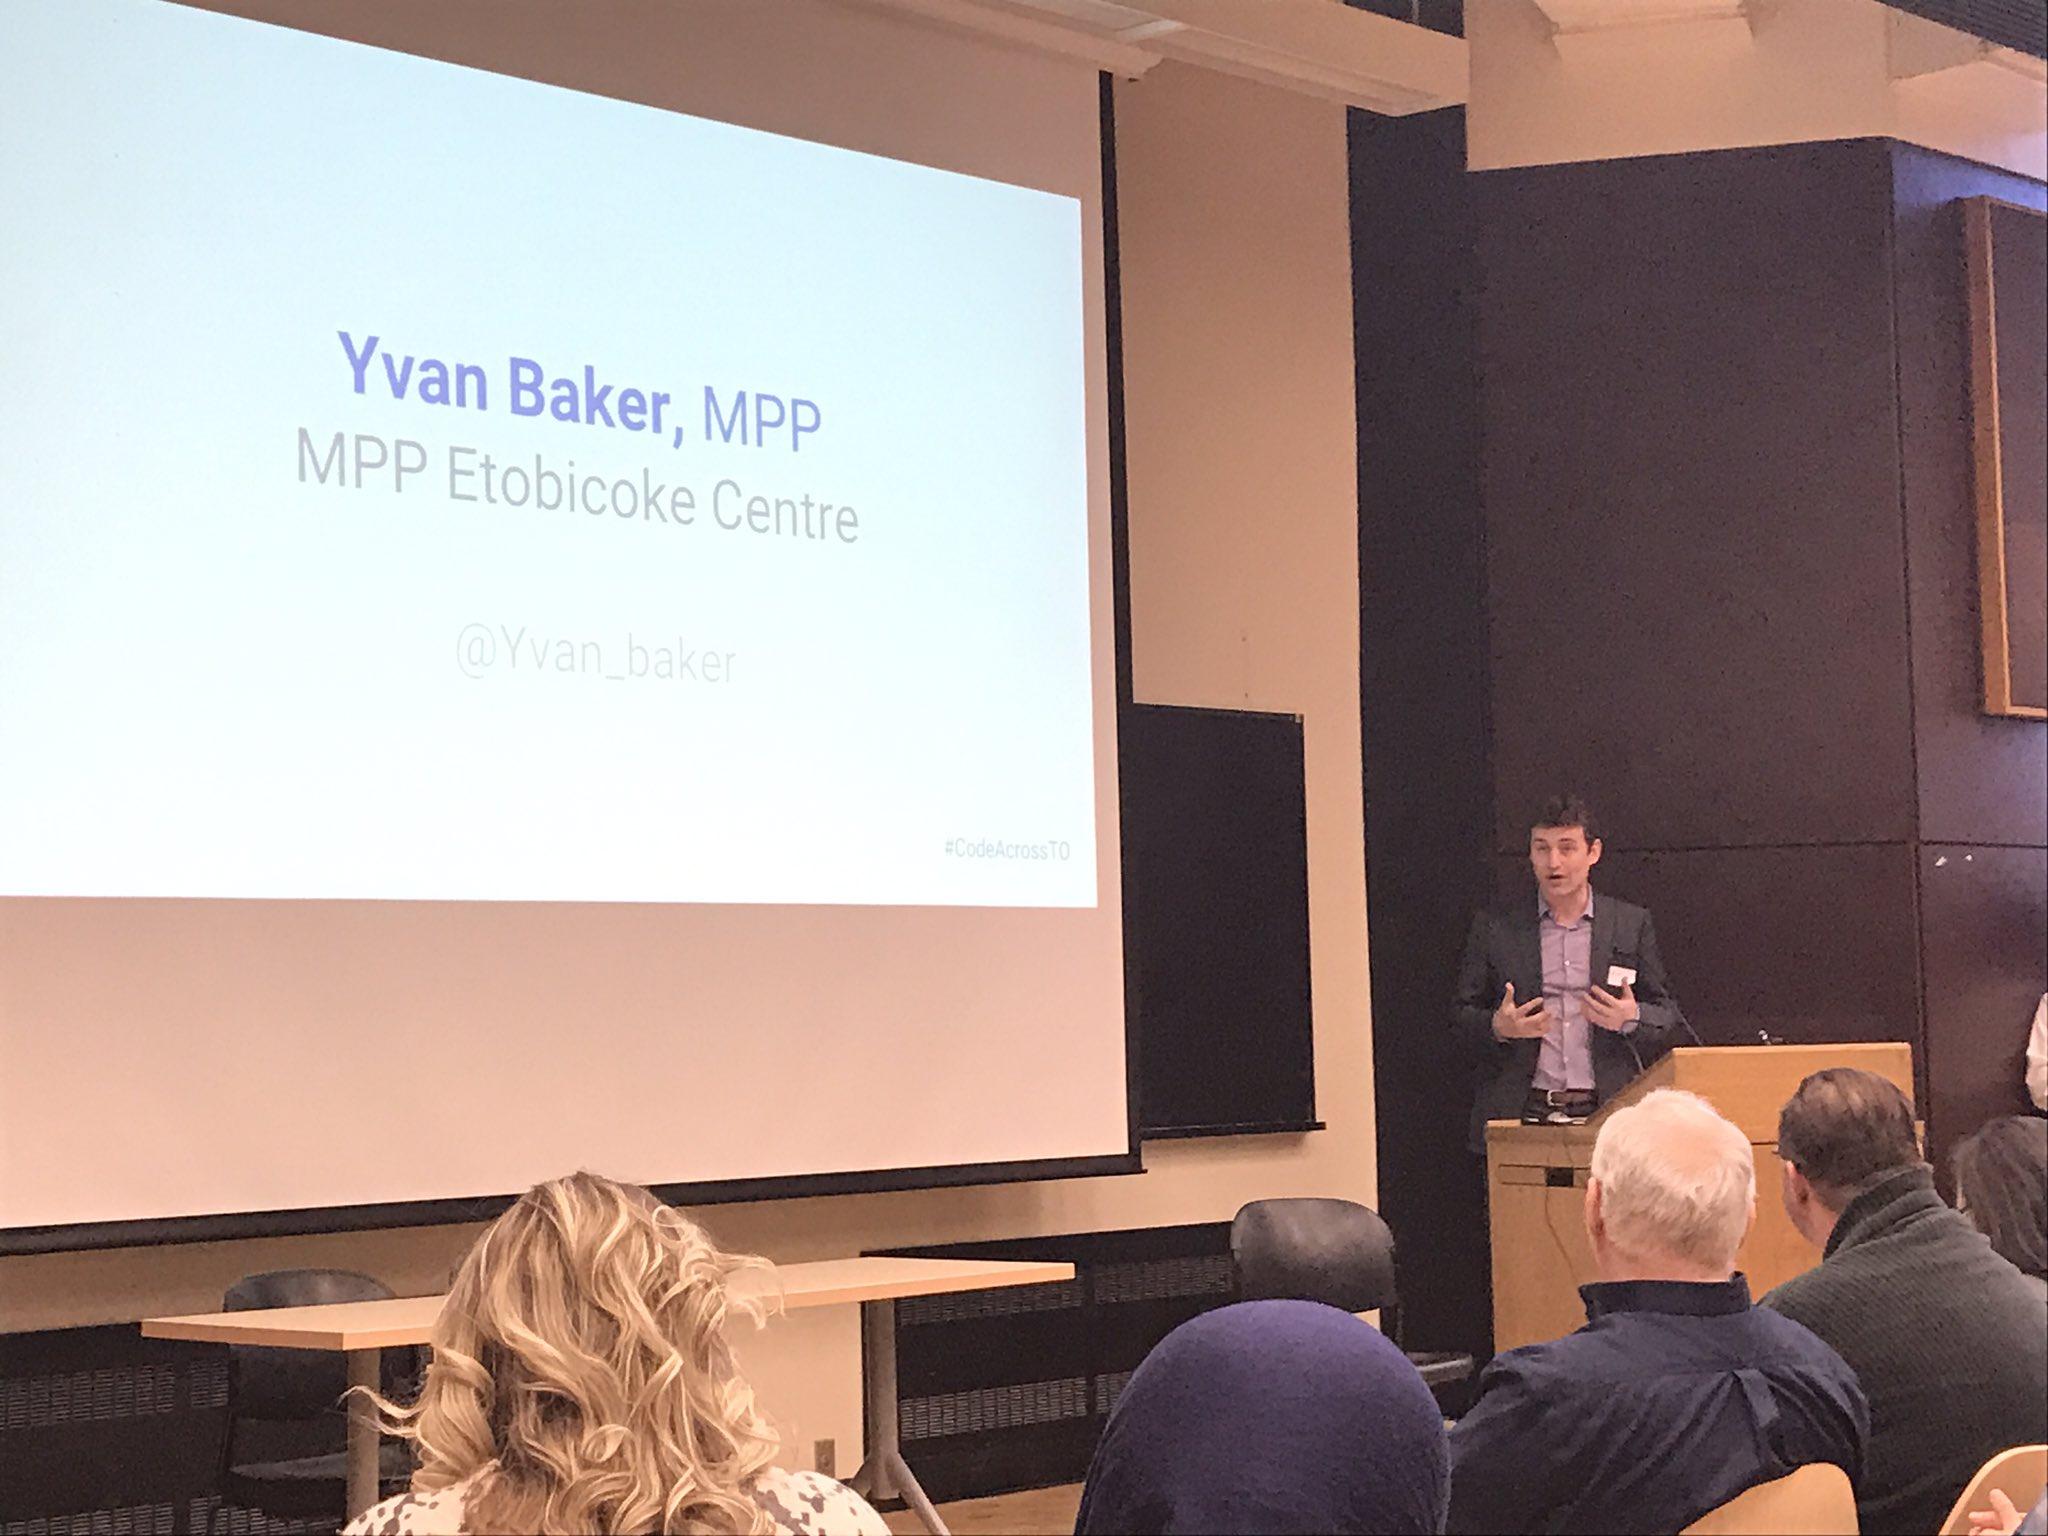 Yvan Baker providing opening remarks at #CodeAcrossTO @Yvan_Baker https://t.co/jmAuD9LSbO